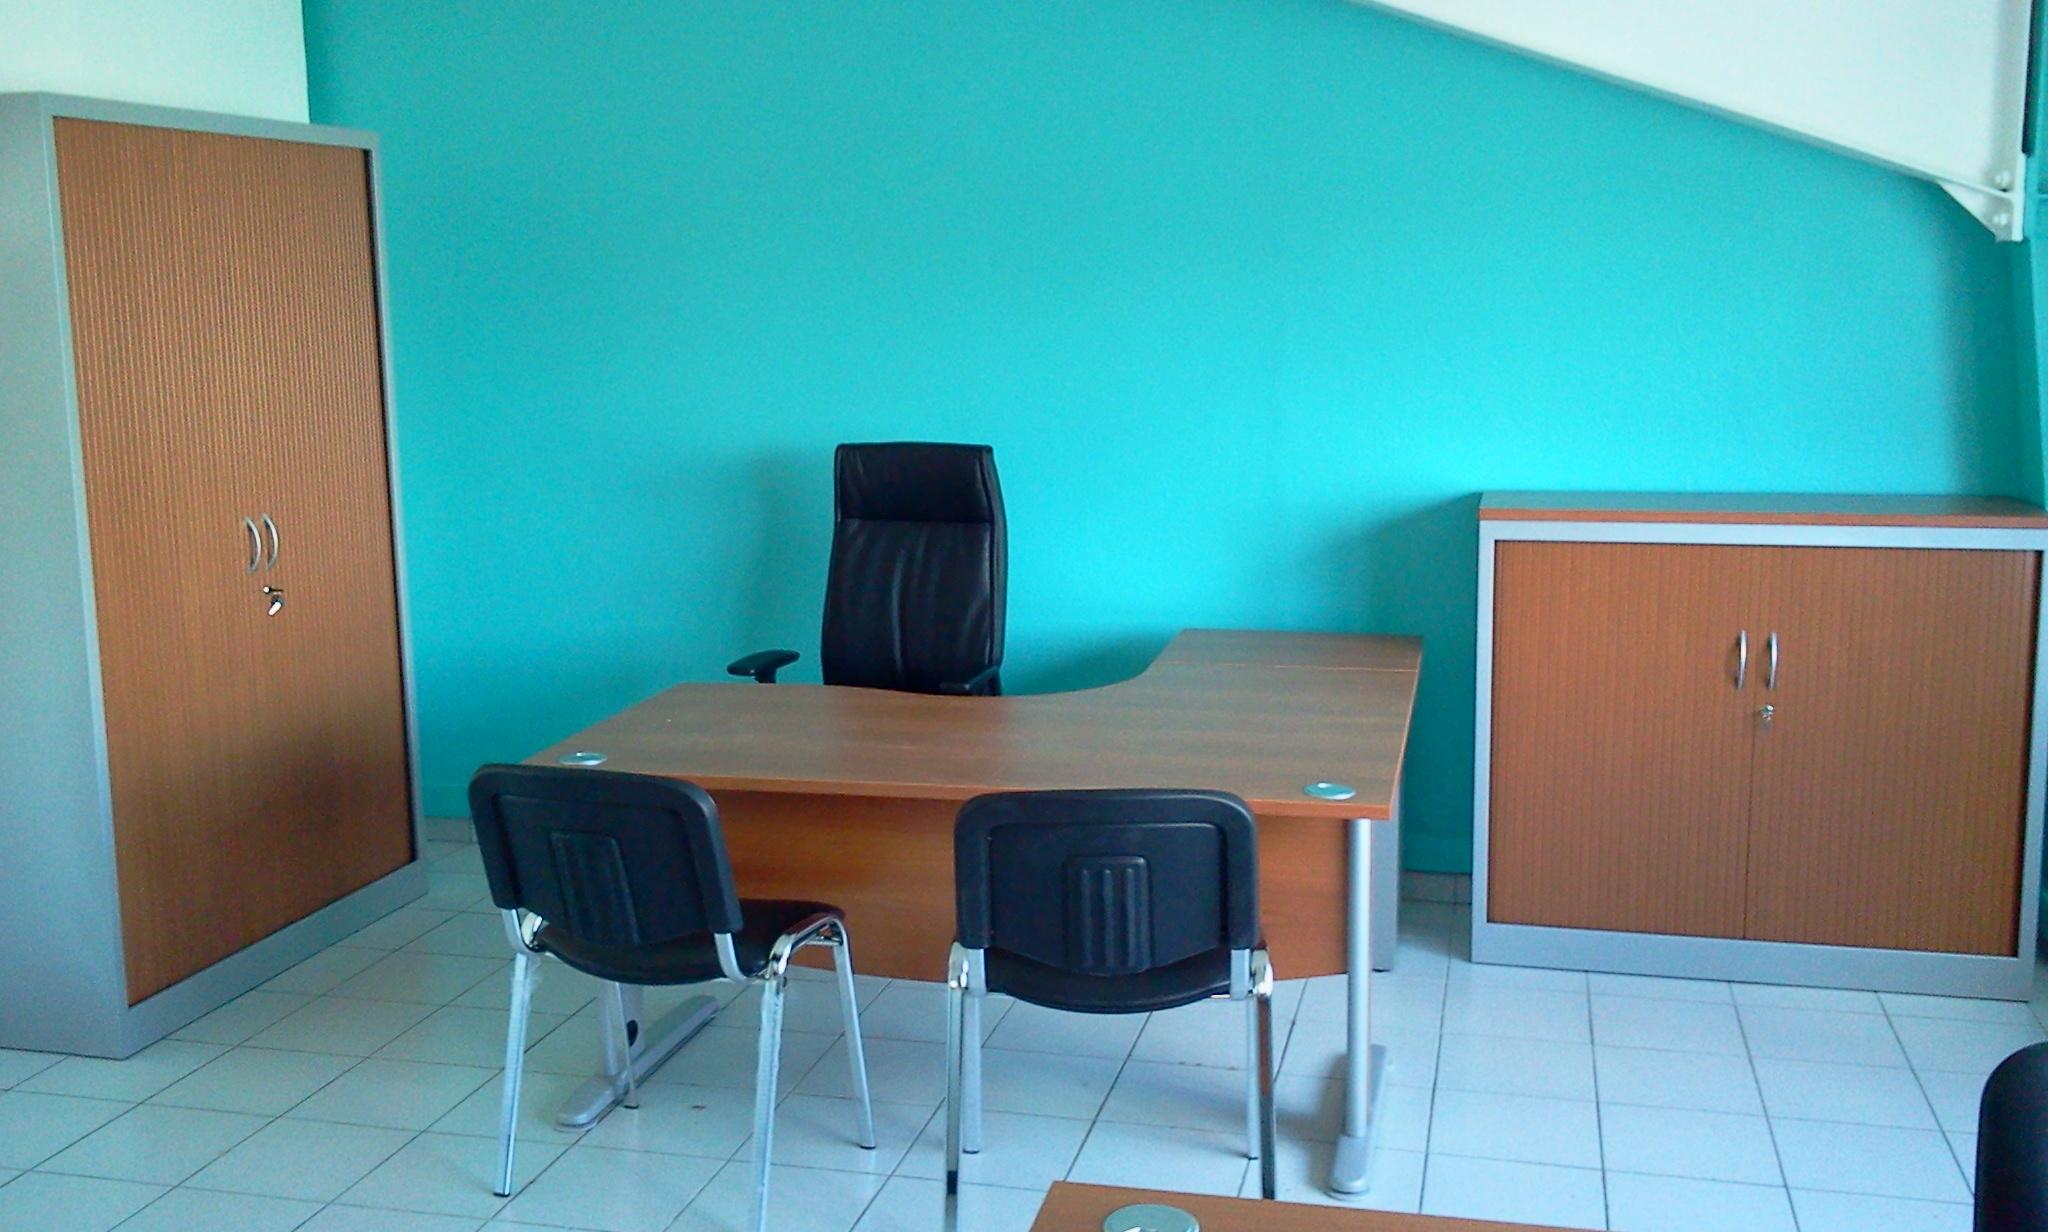 Meubles bureaux guadeloupe lit mezzanine bureau gautier 90x140 meubles et d coration bureau - Meubles gautier guadeloupe ...